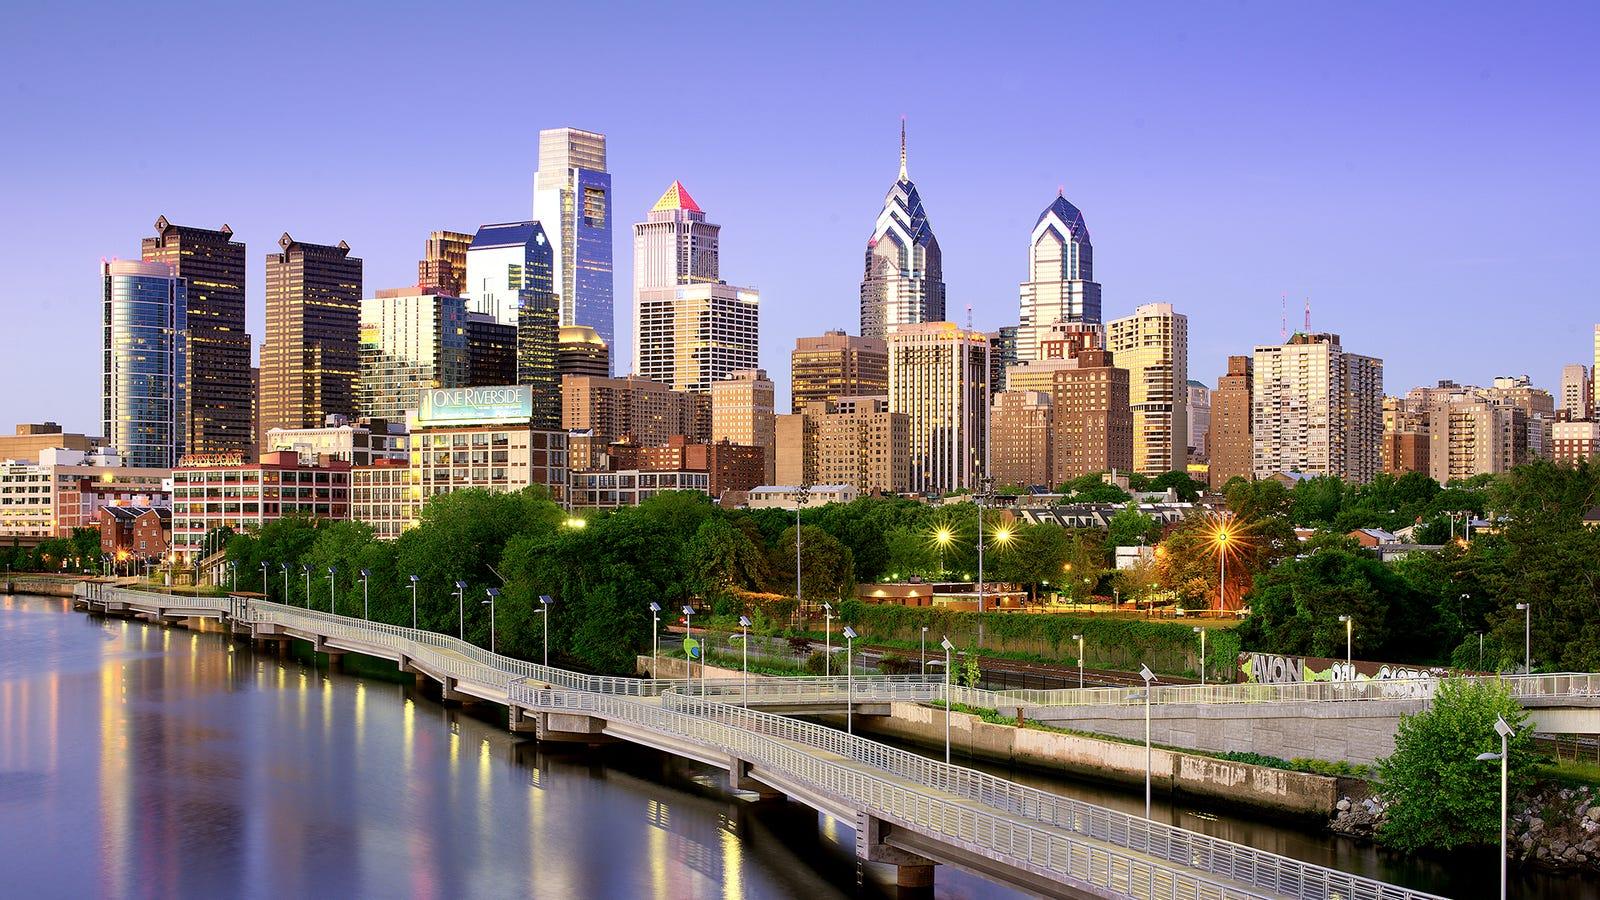 Philadelphia Zu DirecTV, PA Nach Käse-Sahne-Hersteller Verliert Namensrechte